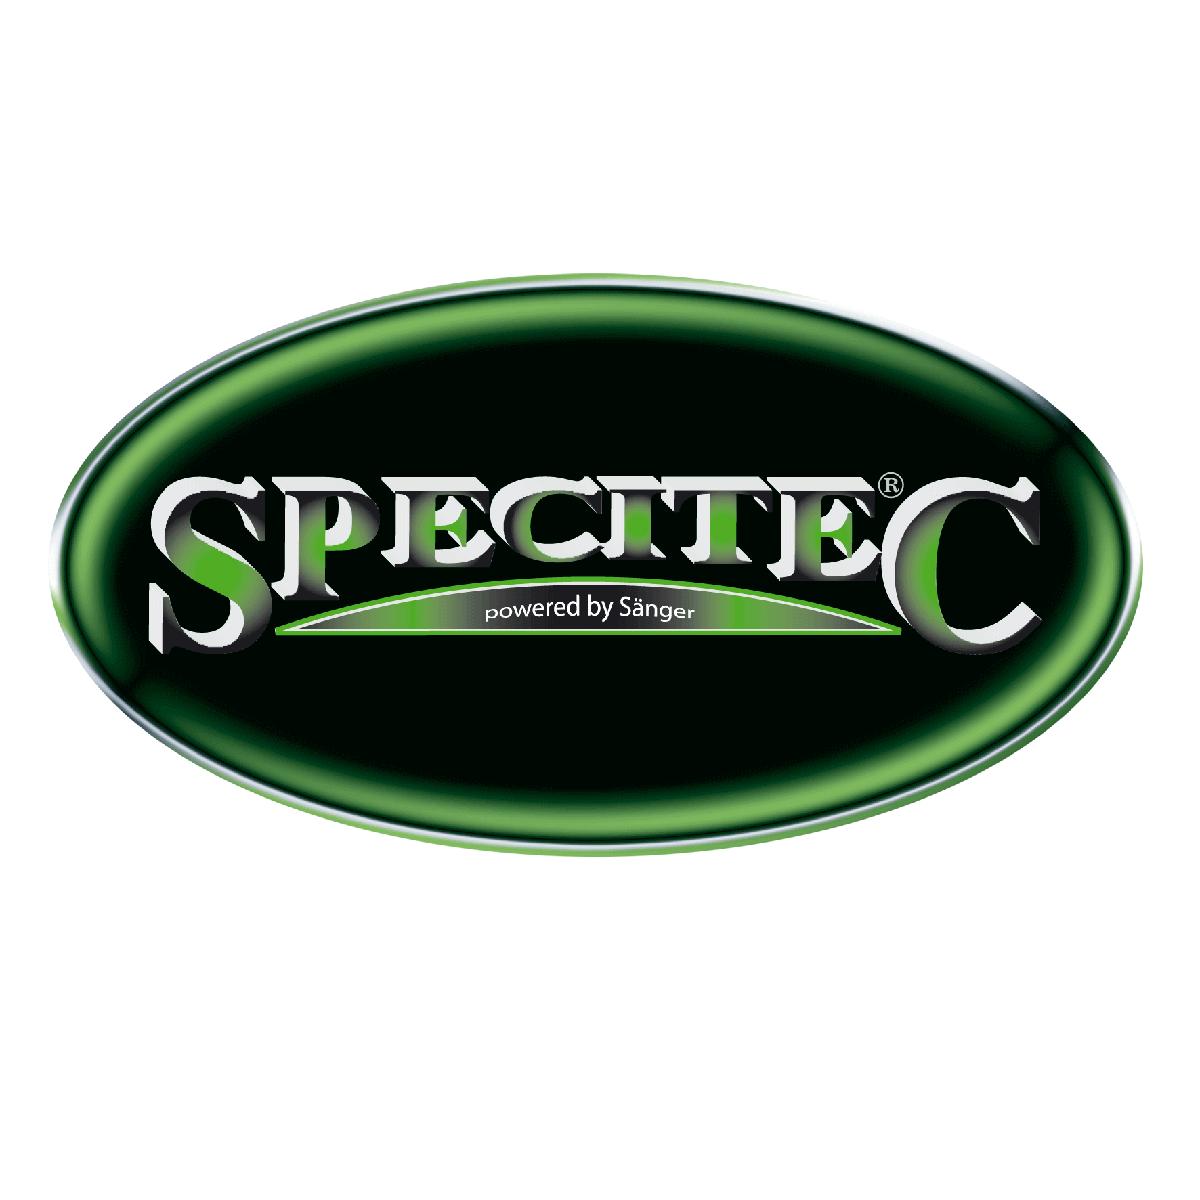 SPECITEC